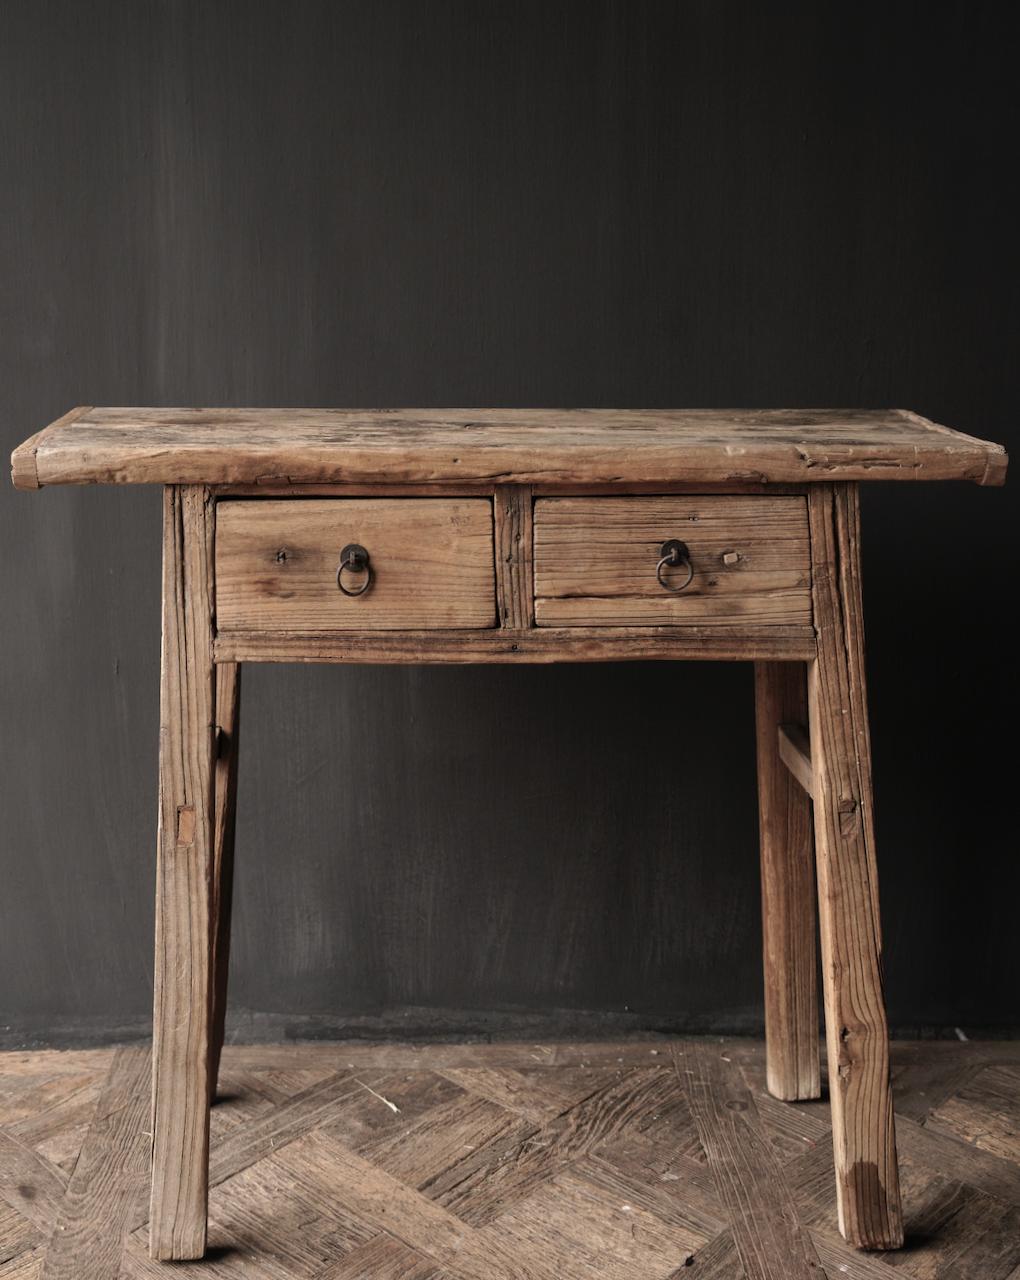 Authentischer einzigartiger alter schmaler Beistelltisch / Wandtisch-2